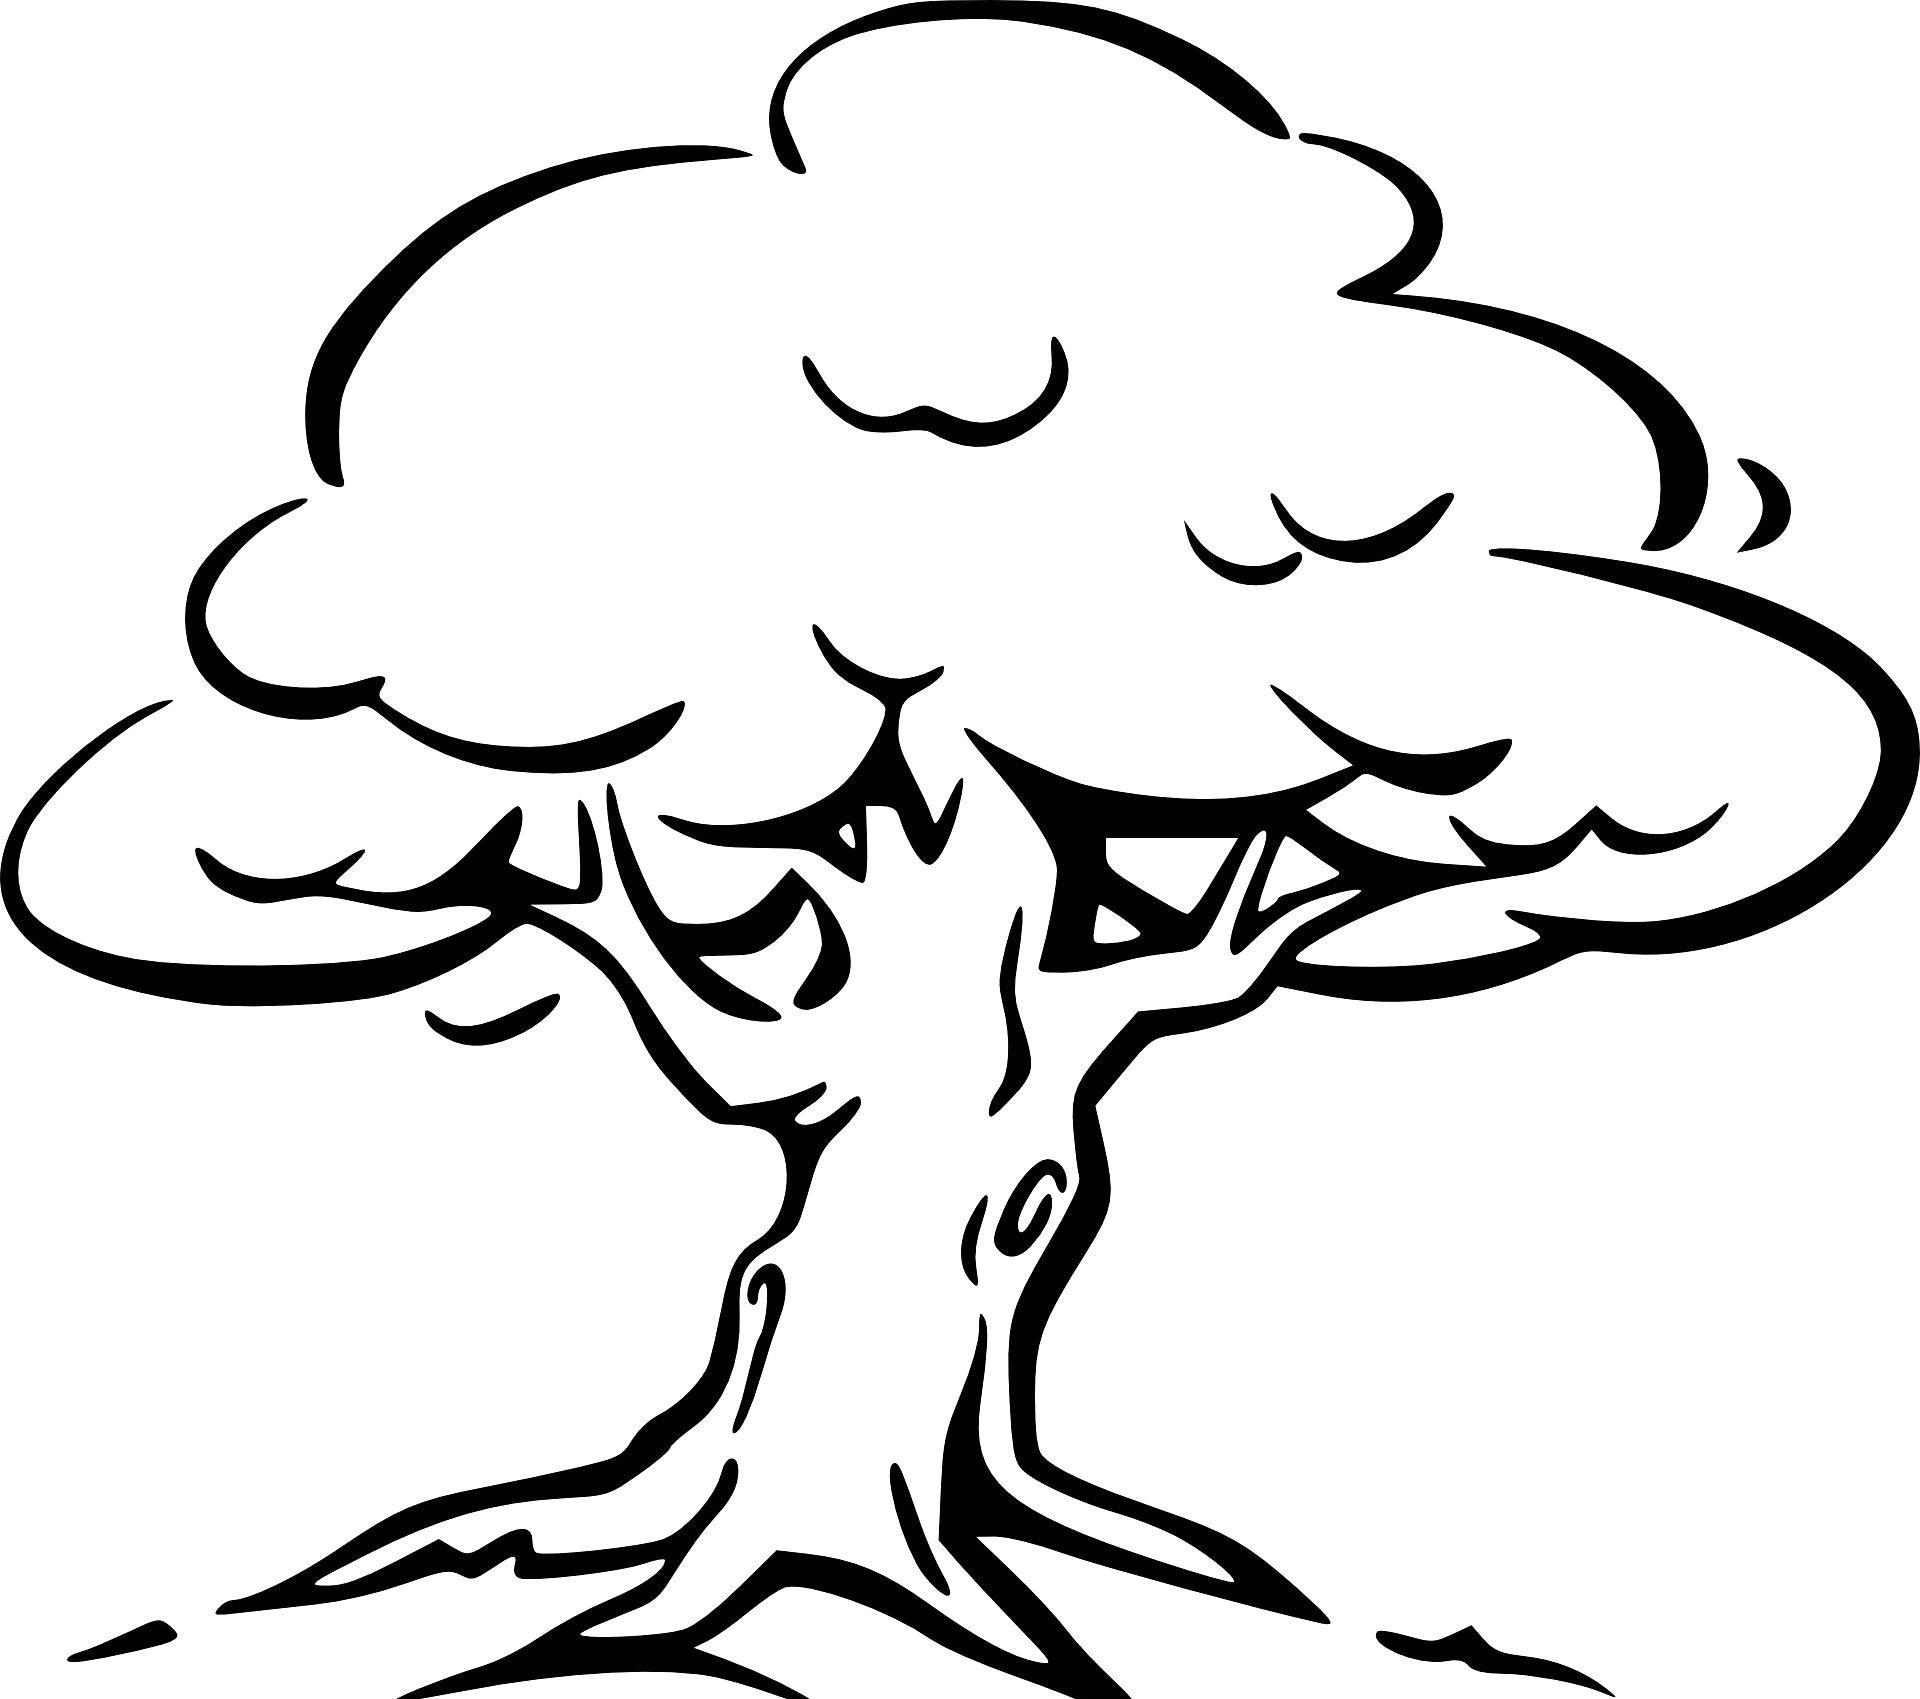 Baum Mit Wurzeln Ausmalbild In 2020 (Mit Bildern bei Malvorlagen Bäume Zum Ausdrucken